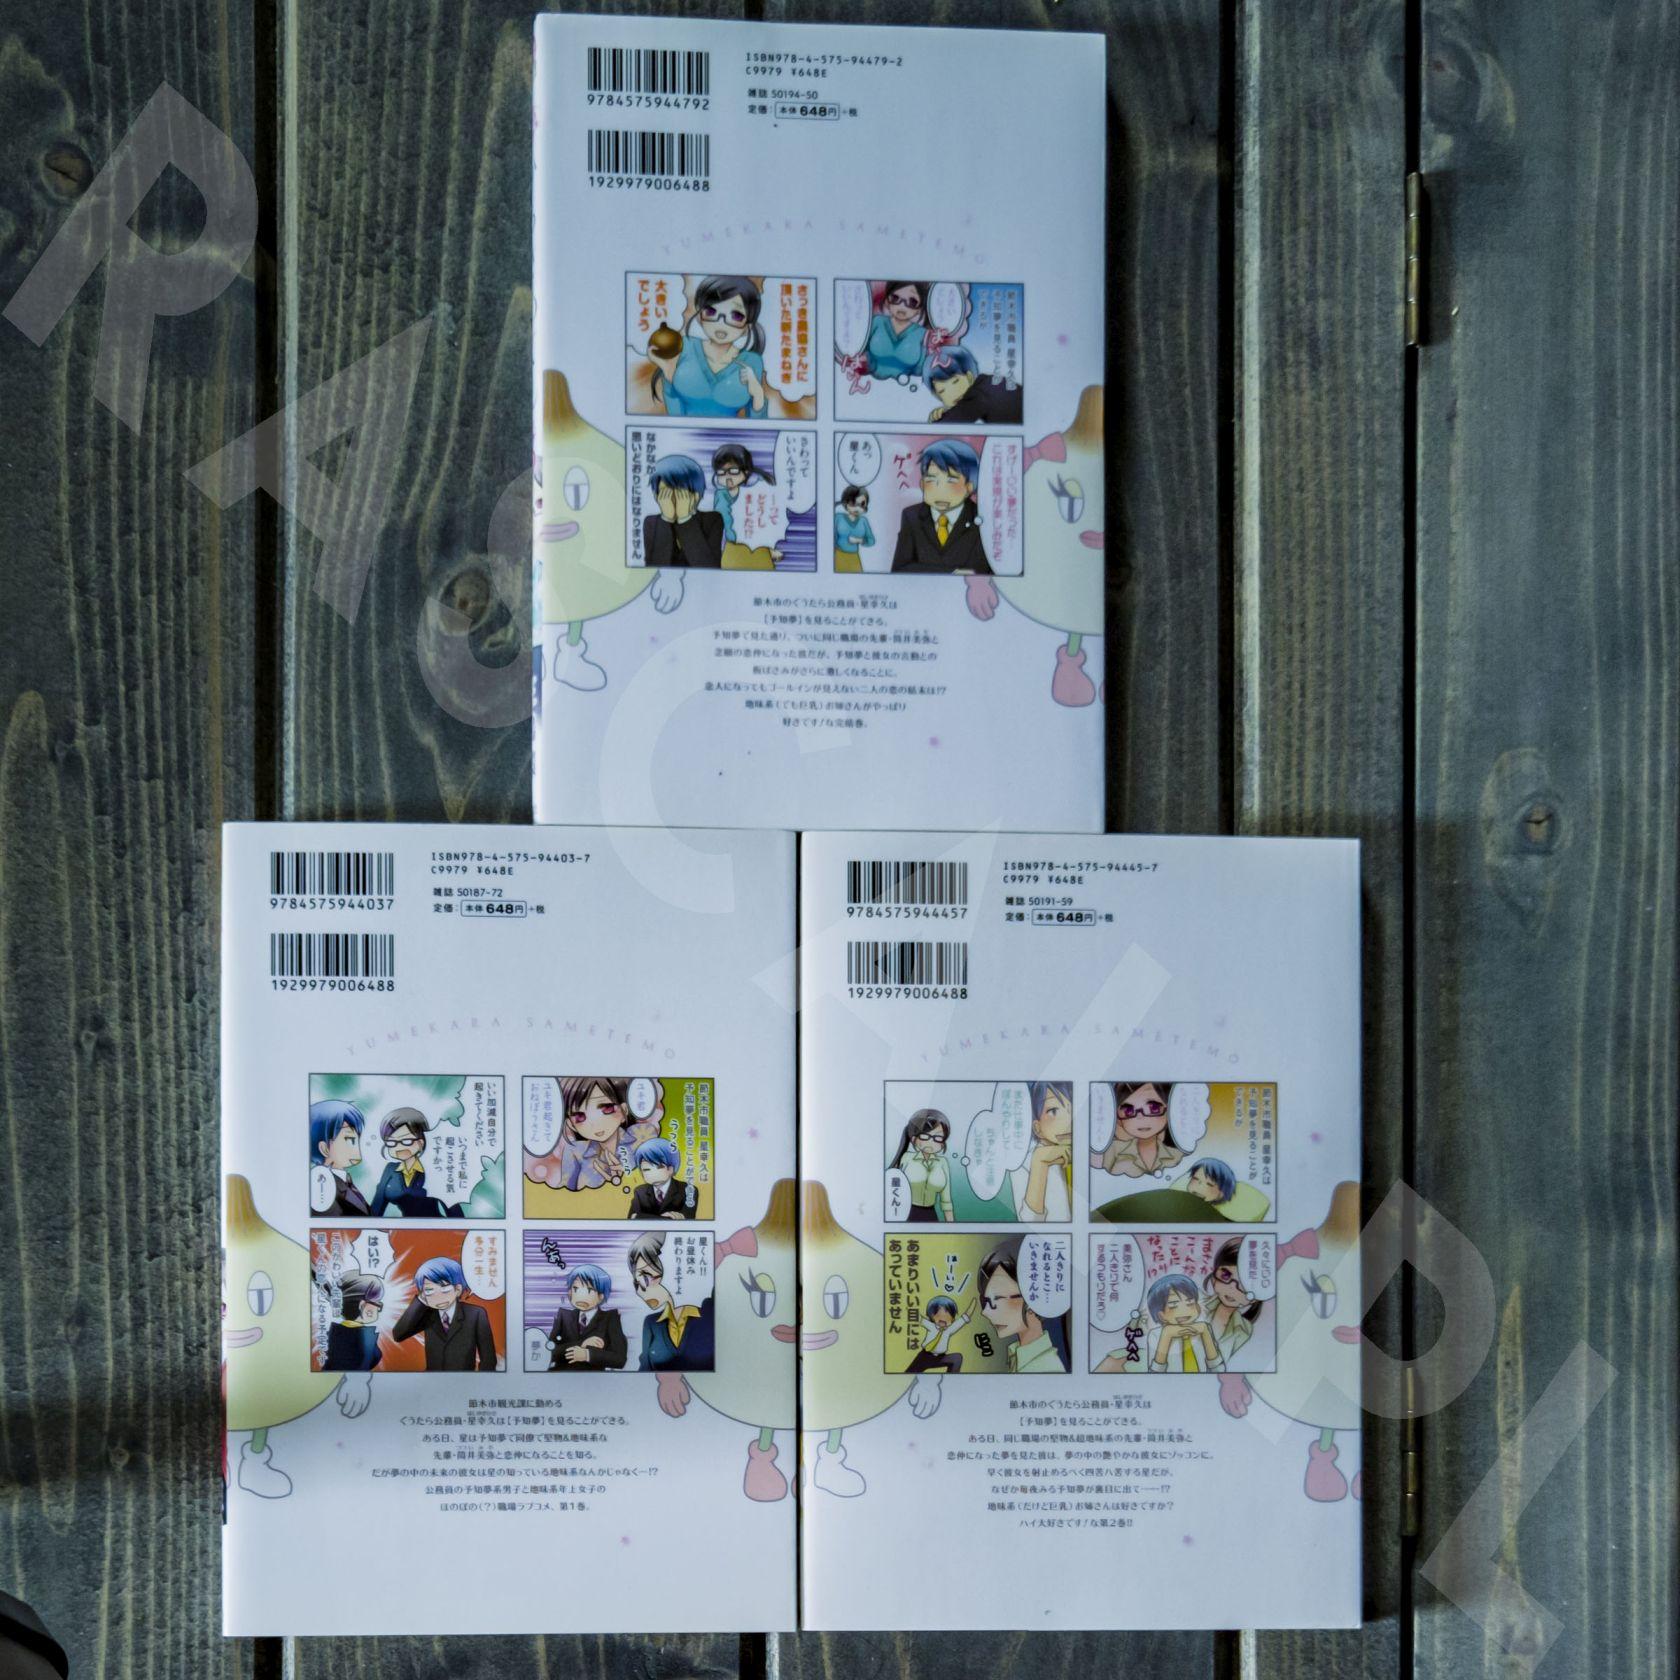 Yume kara Sametemo (1-3) - Action Comics - Nowości w kolekcji mangi (listopad 2020) - rascal.pl